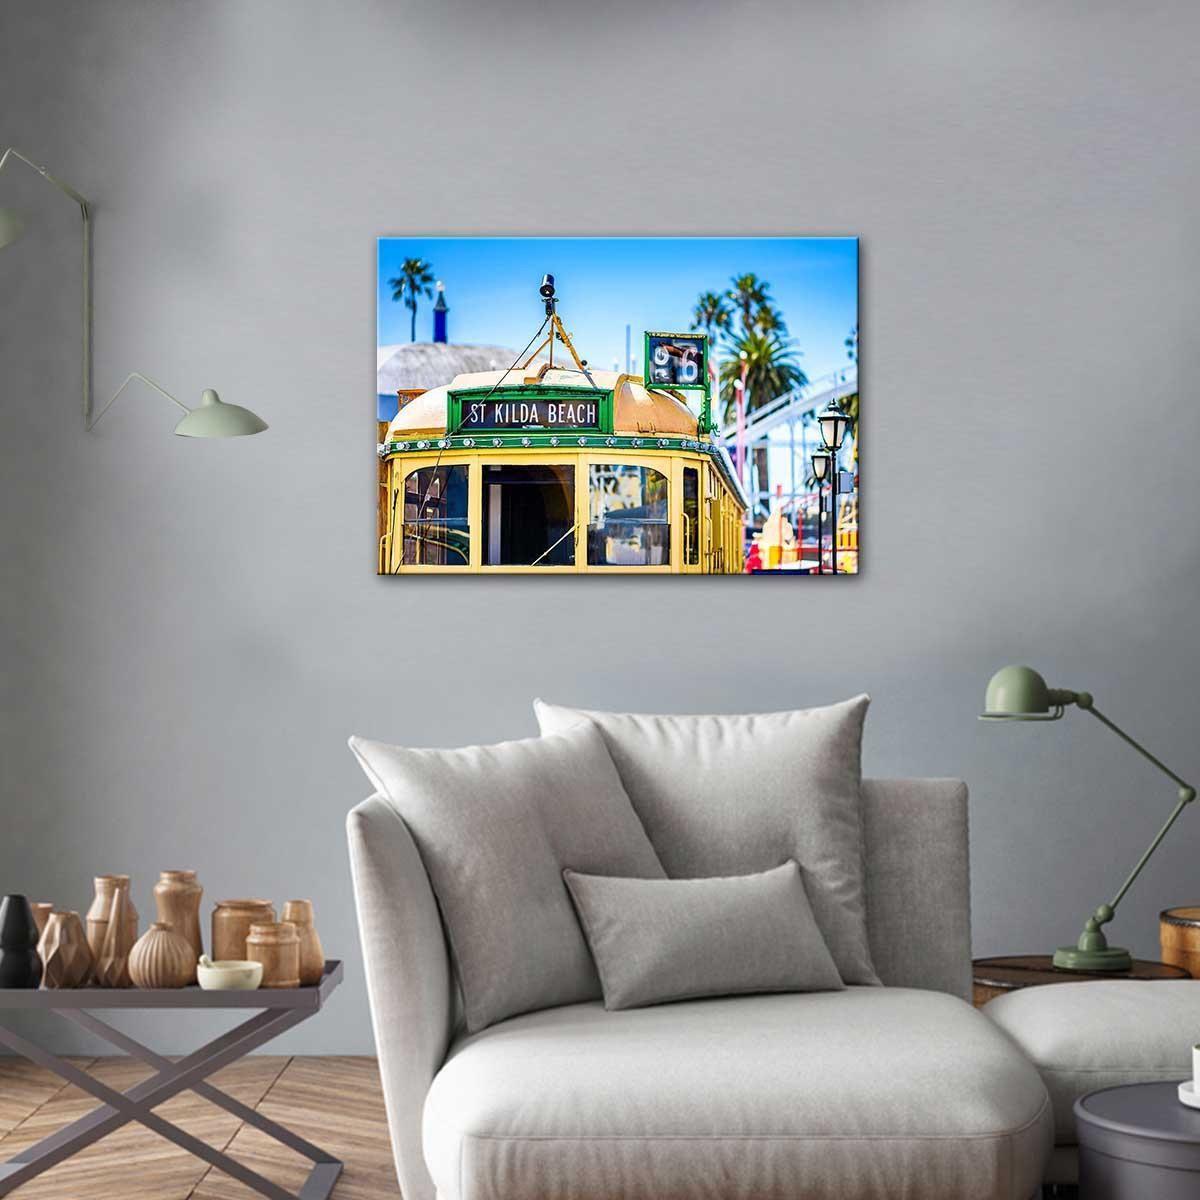 Melbourne Artwork